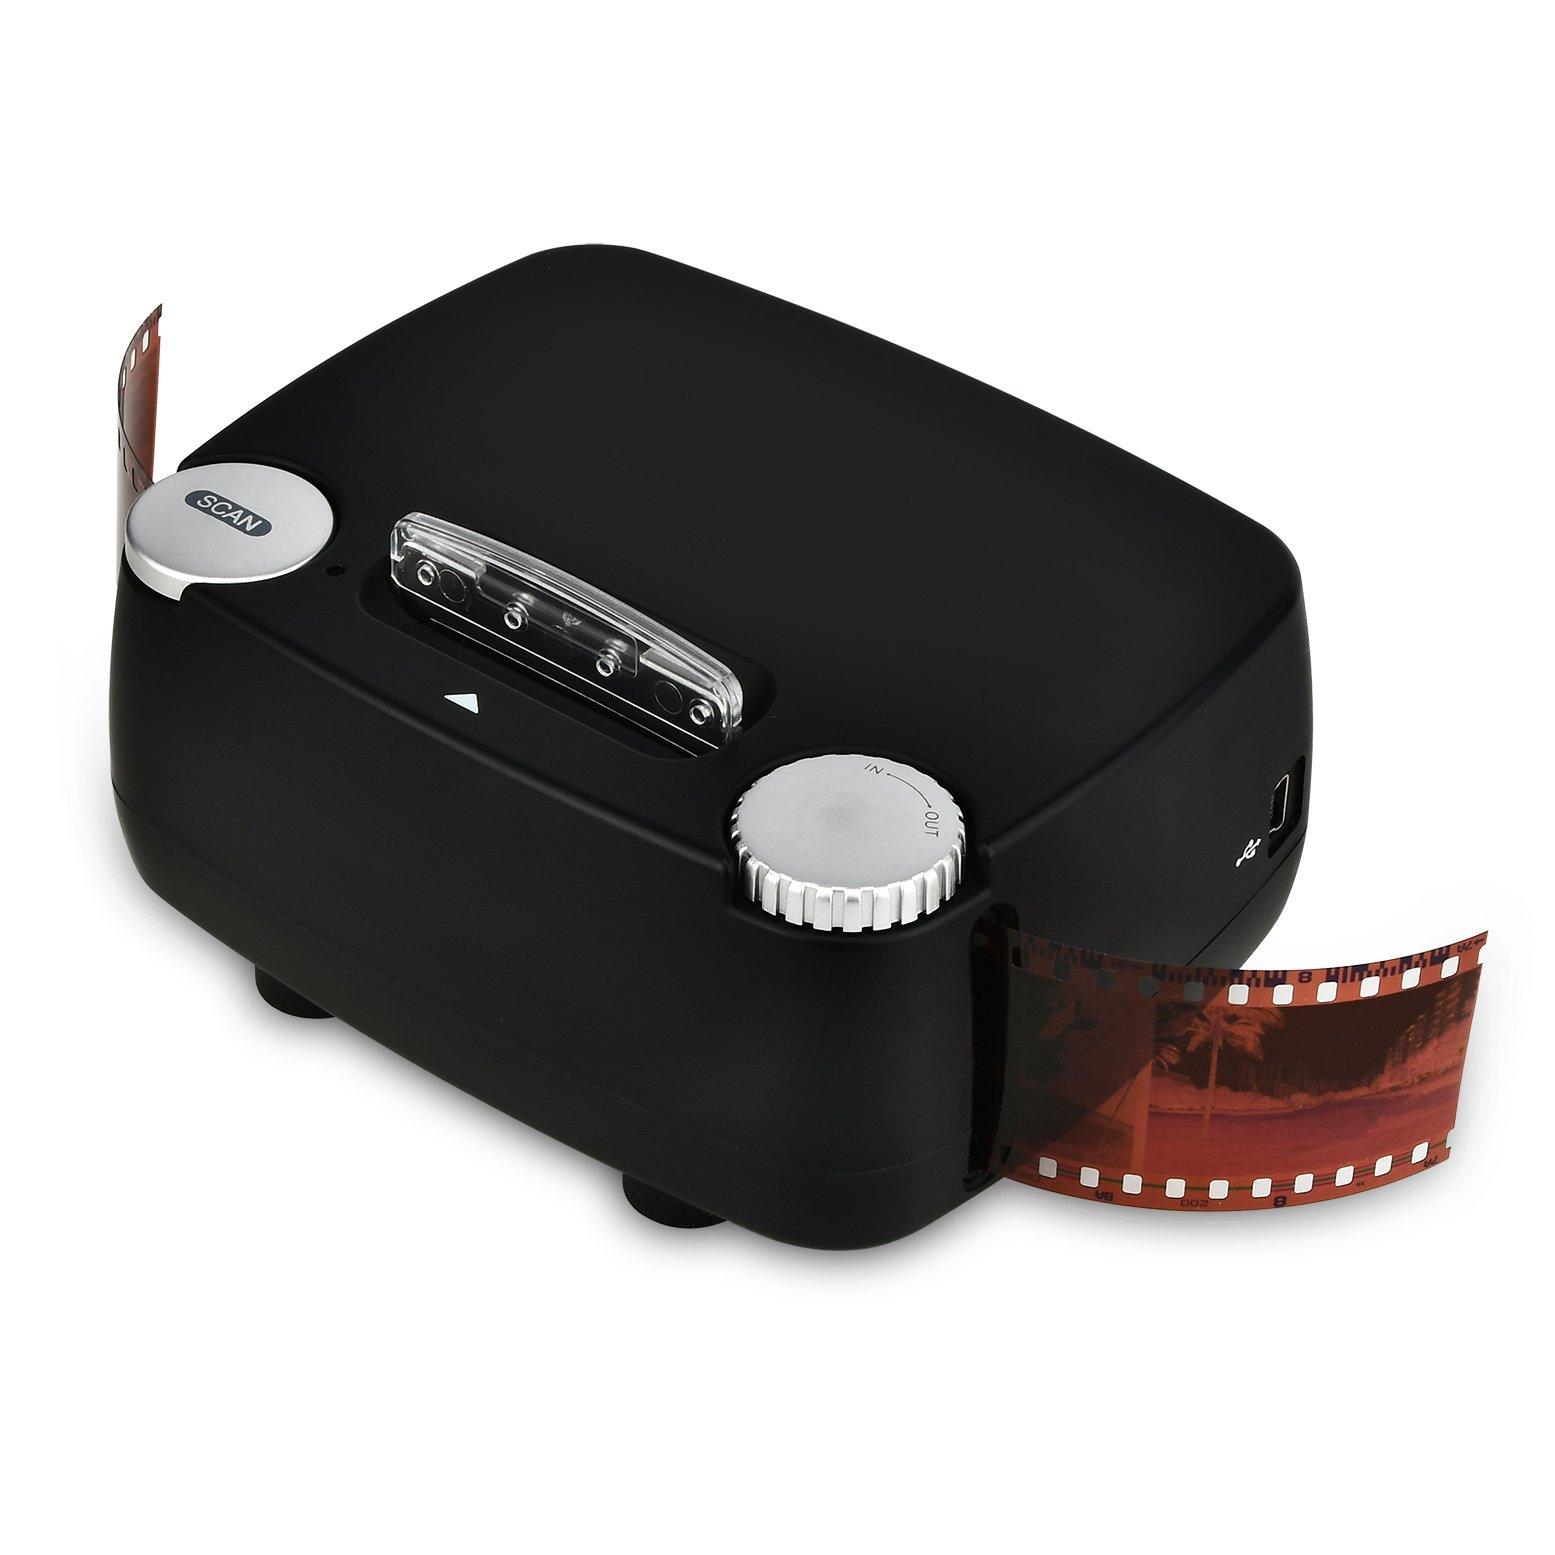 Slide & Film Scanner for 135 / 35mm Negative & Slide Digitizing, Compatible with Windows XP/Vista/ 7/8/10 by Rybozen (Image #6)